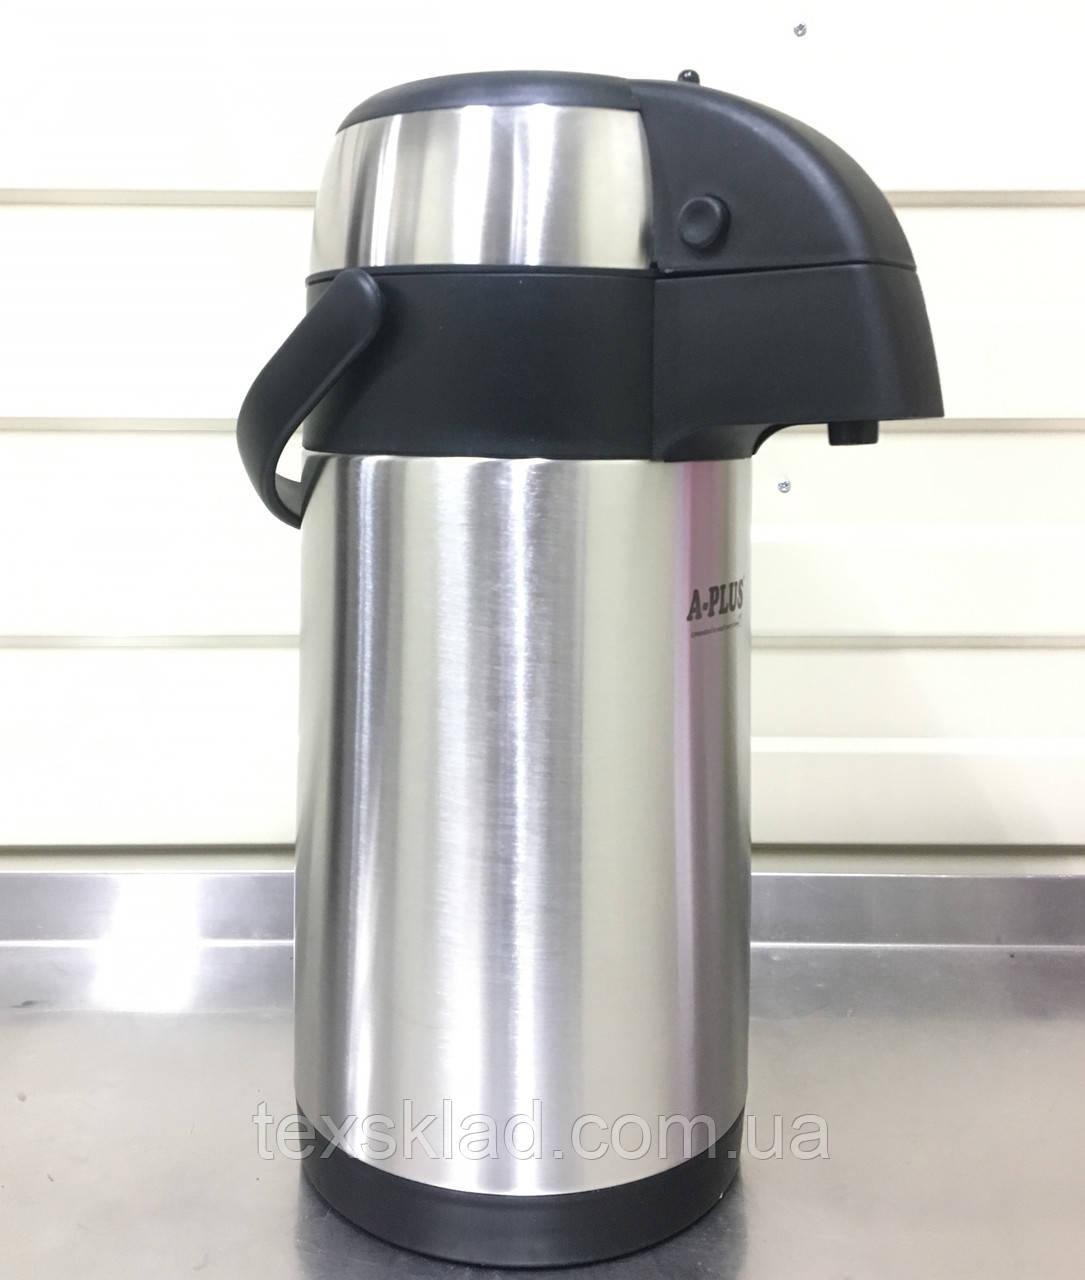 Термос 4,5 литра помповый вакуумный со стальной колбой